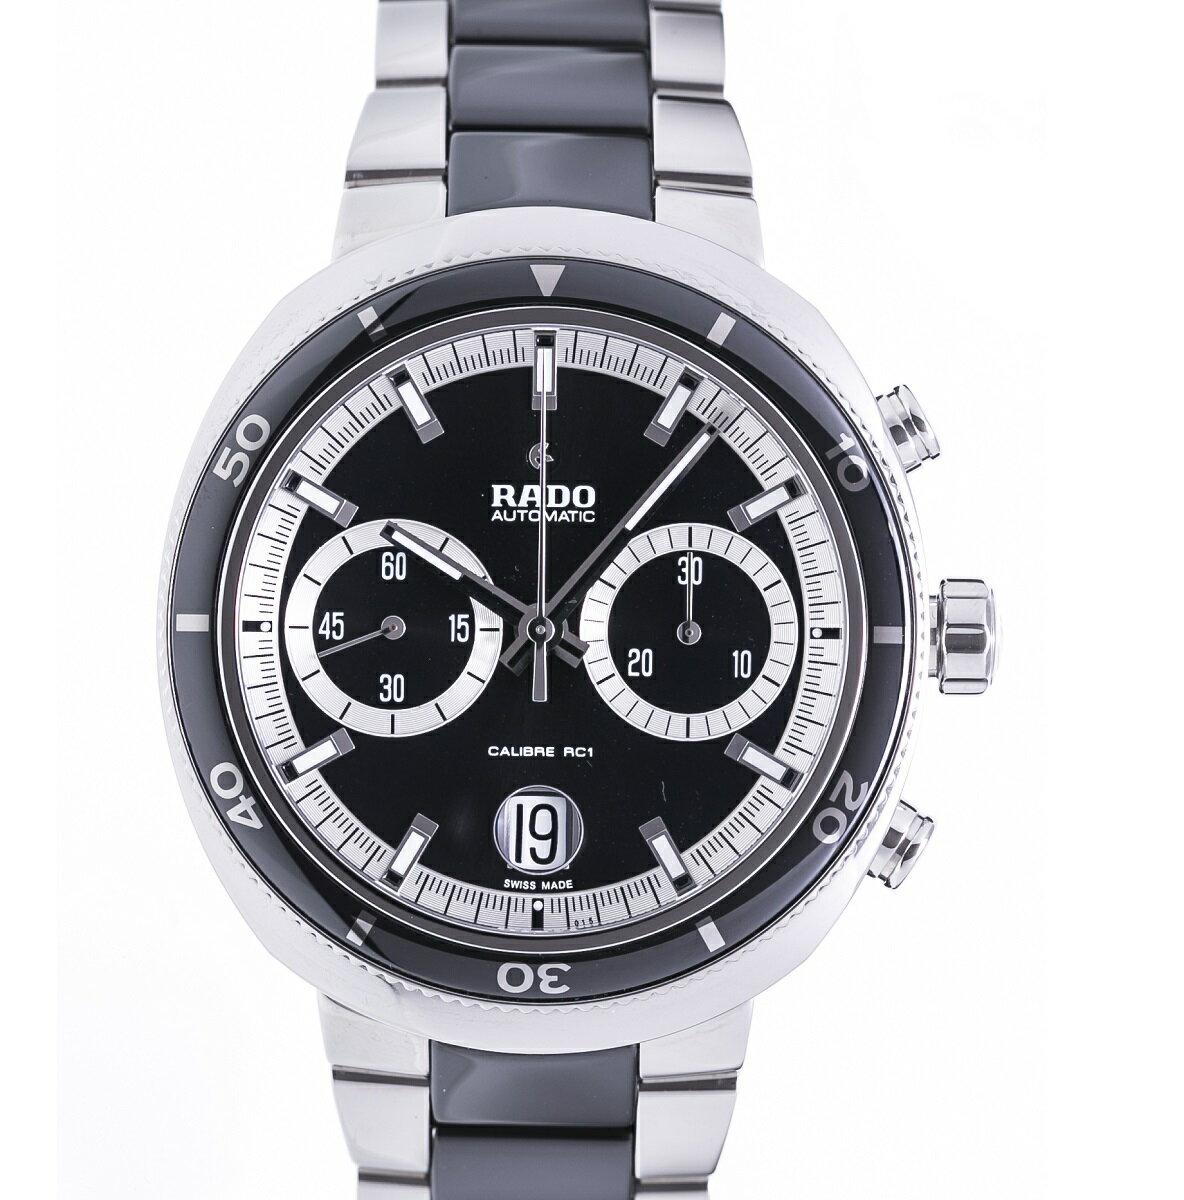 RADO ラドー Dスター200 クロノグラフ 腕時計 メンズ SS ステンレス AT 自動巻き 2017年 新品同様品 送料無料 【トレジャースポット】【中古】